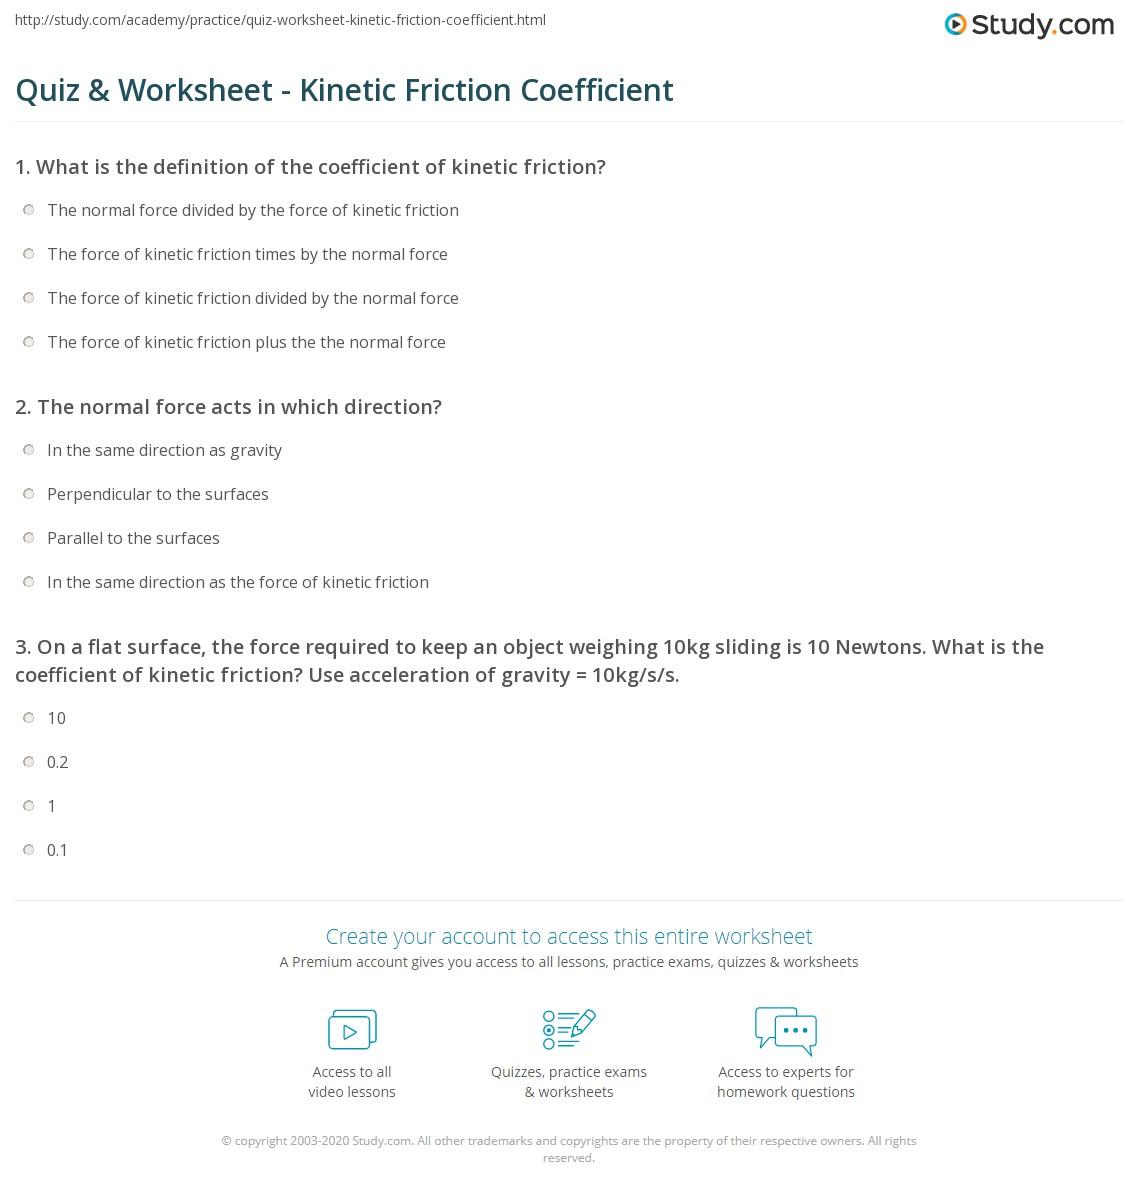 quiz worksheet kinetic friction coefficient. Black Bedroom Furniture Sets. Home Design Ideas